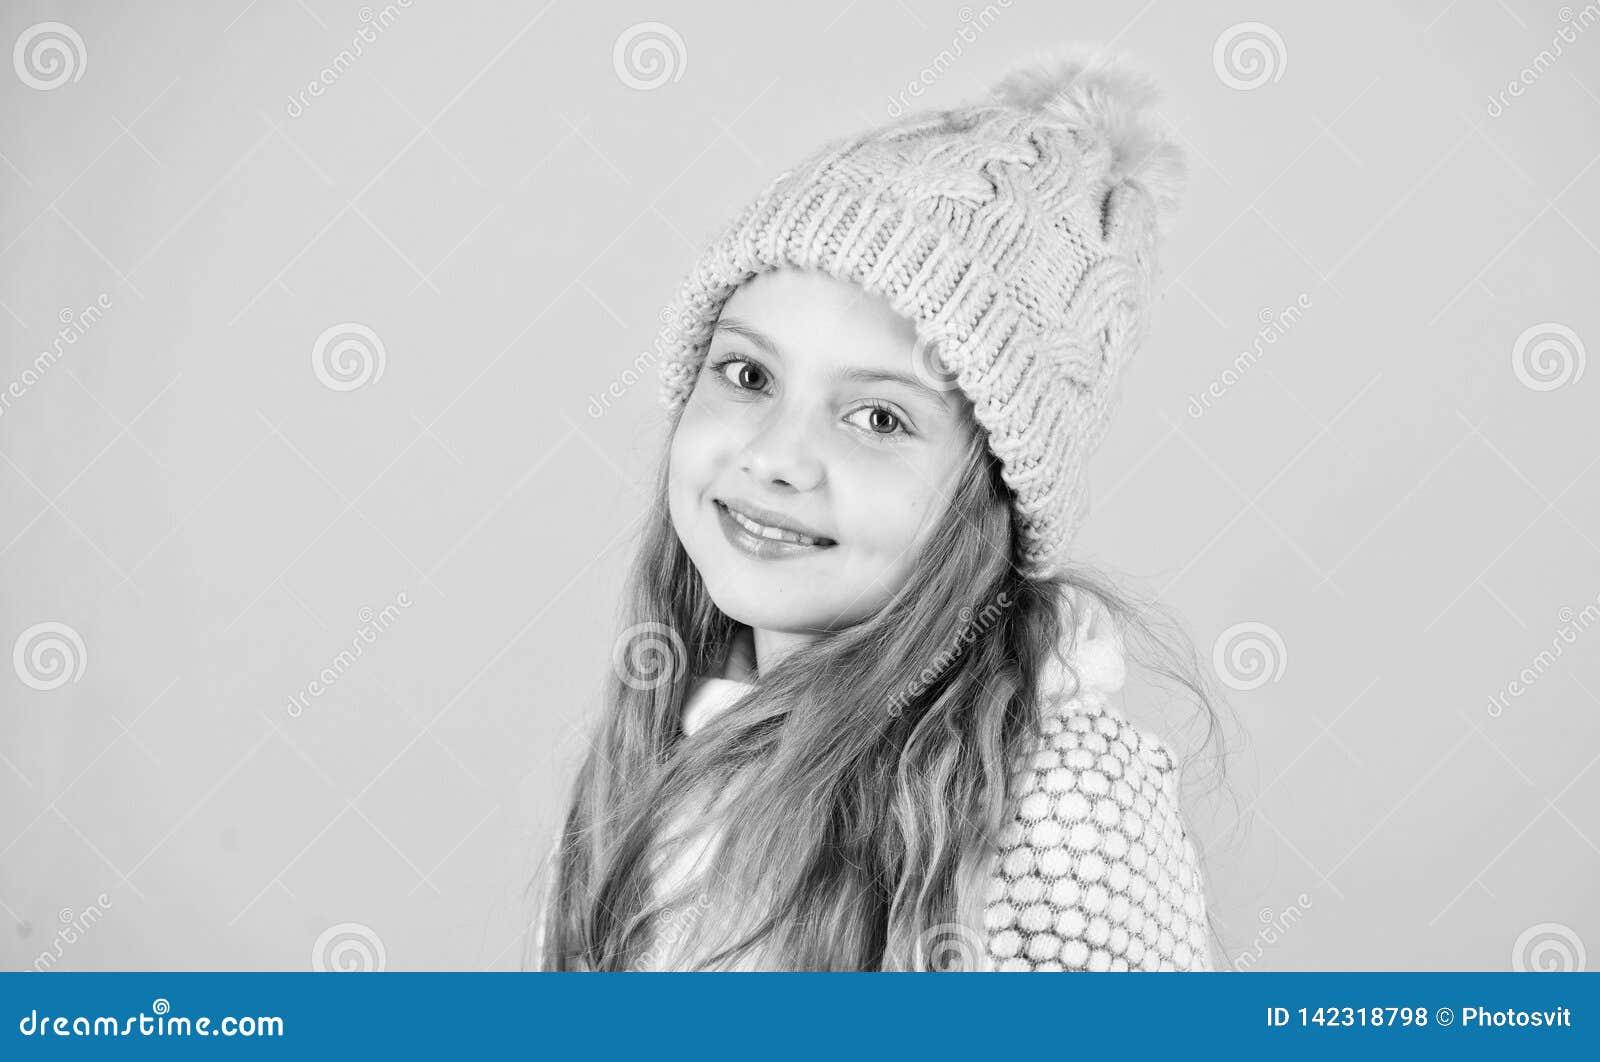 Предотвратите повреждение волос зимы Подсказки ухода за волосами зимы вы должны определенно следовать Зимнее время тренирует для